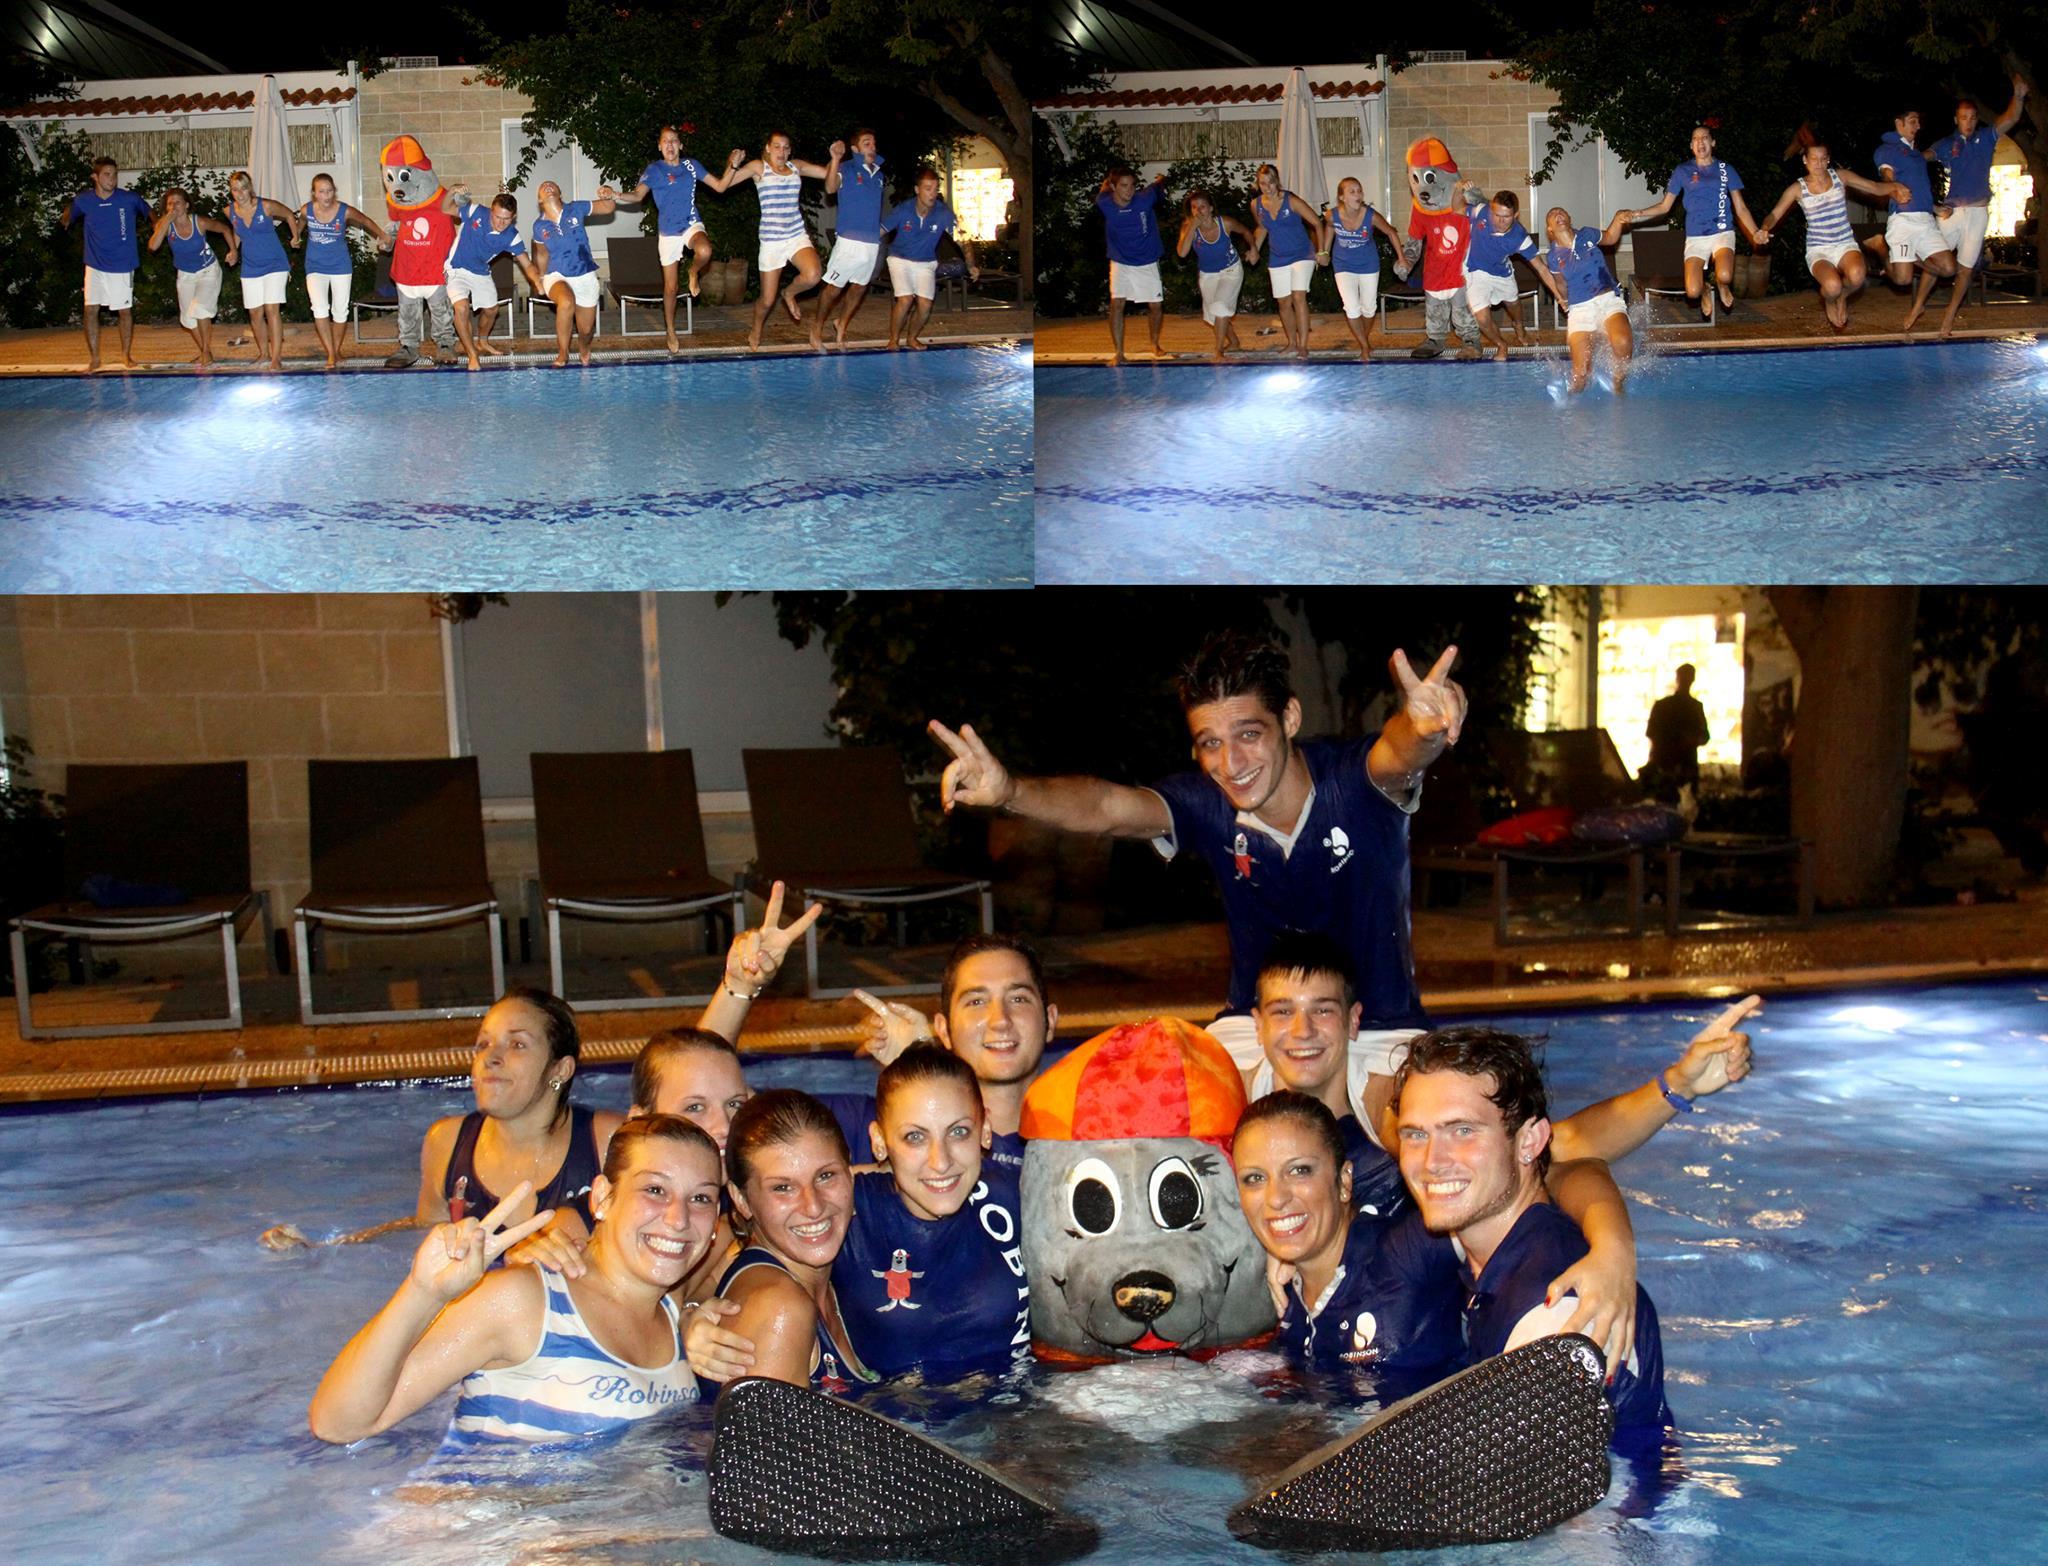 Villaggio Robinson Club Apulia Ugento Puglia